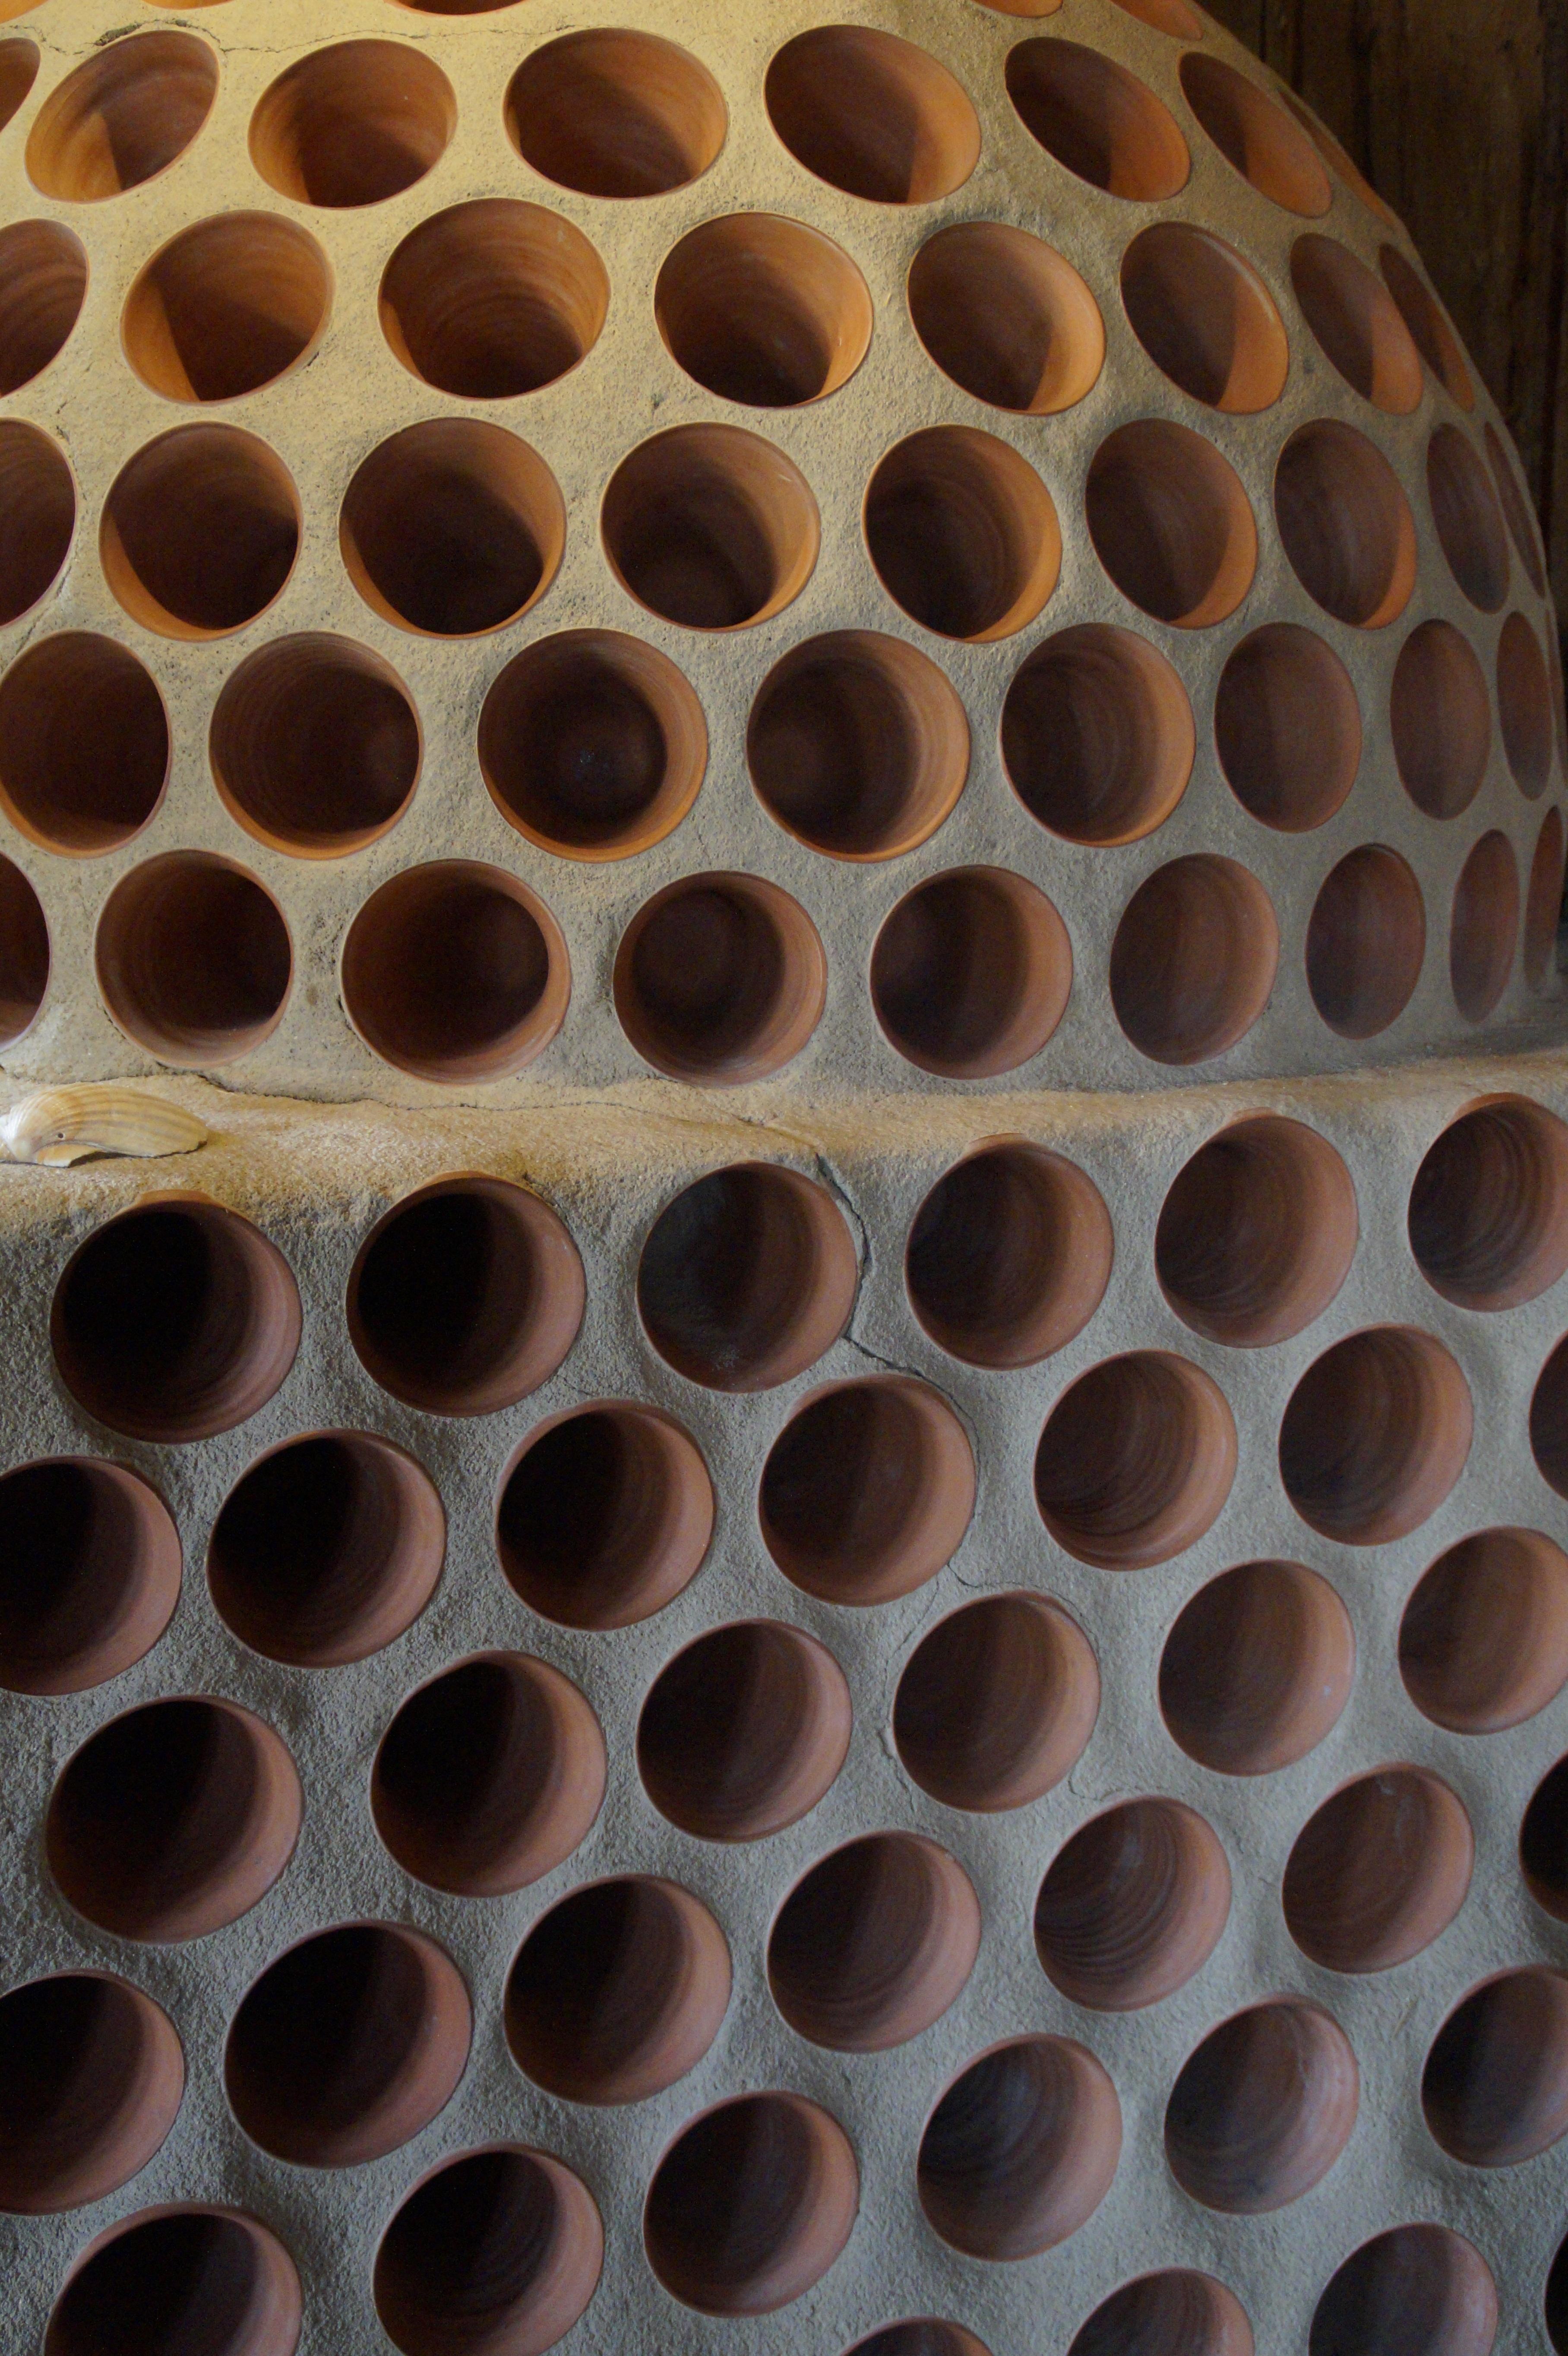 무료 이미지 : 구조, 목재, 조직, 무늬, 불, 난로, 벽돌, 열, 자료 ...